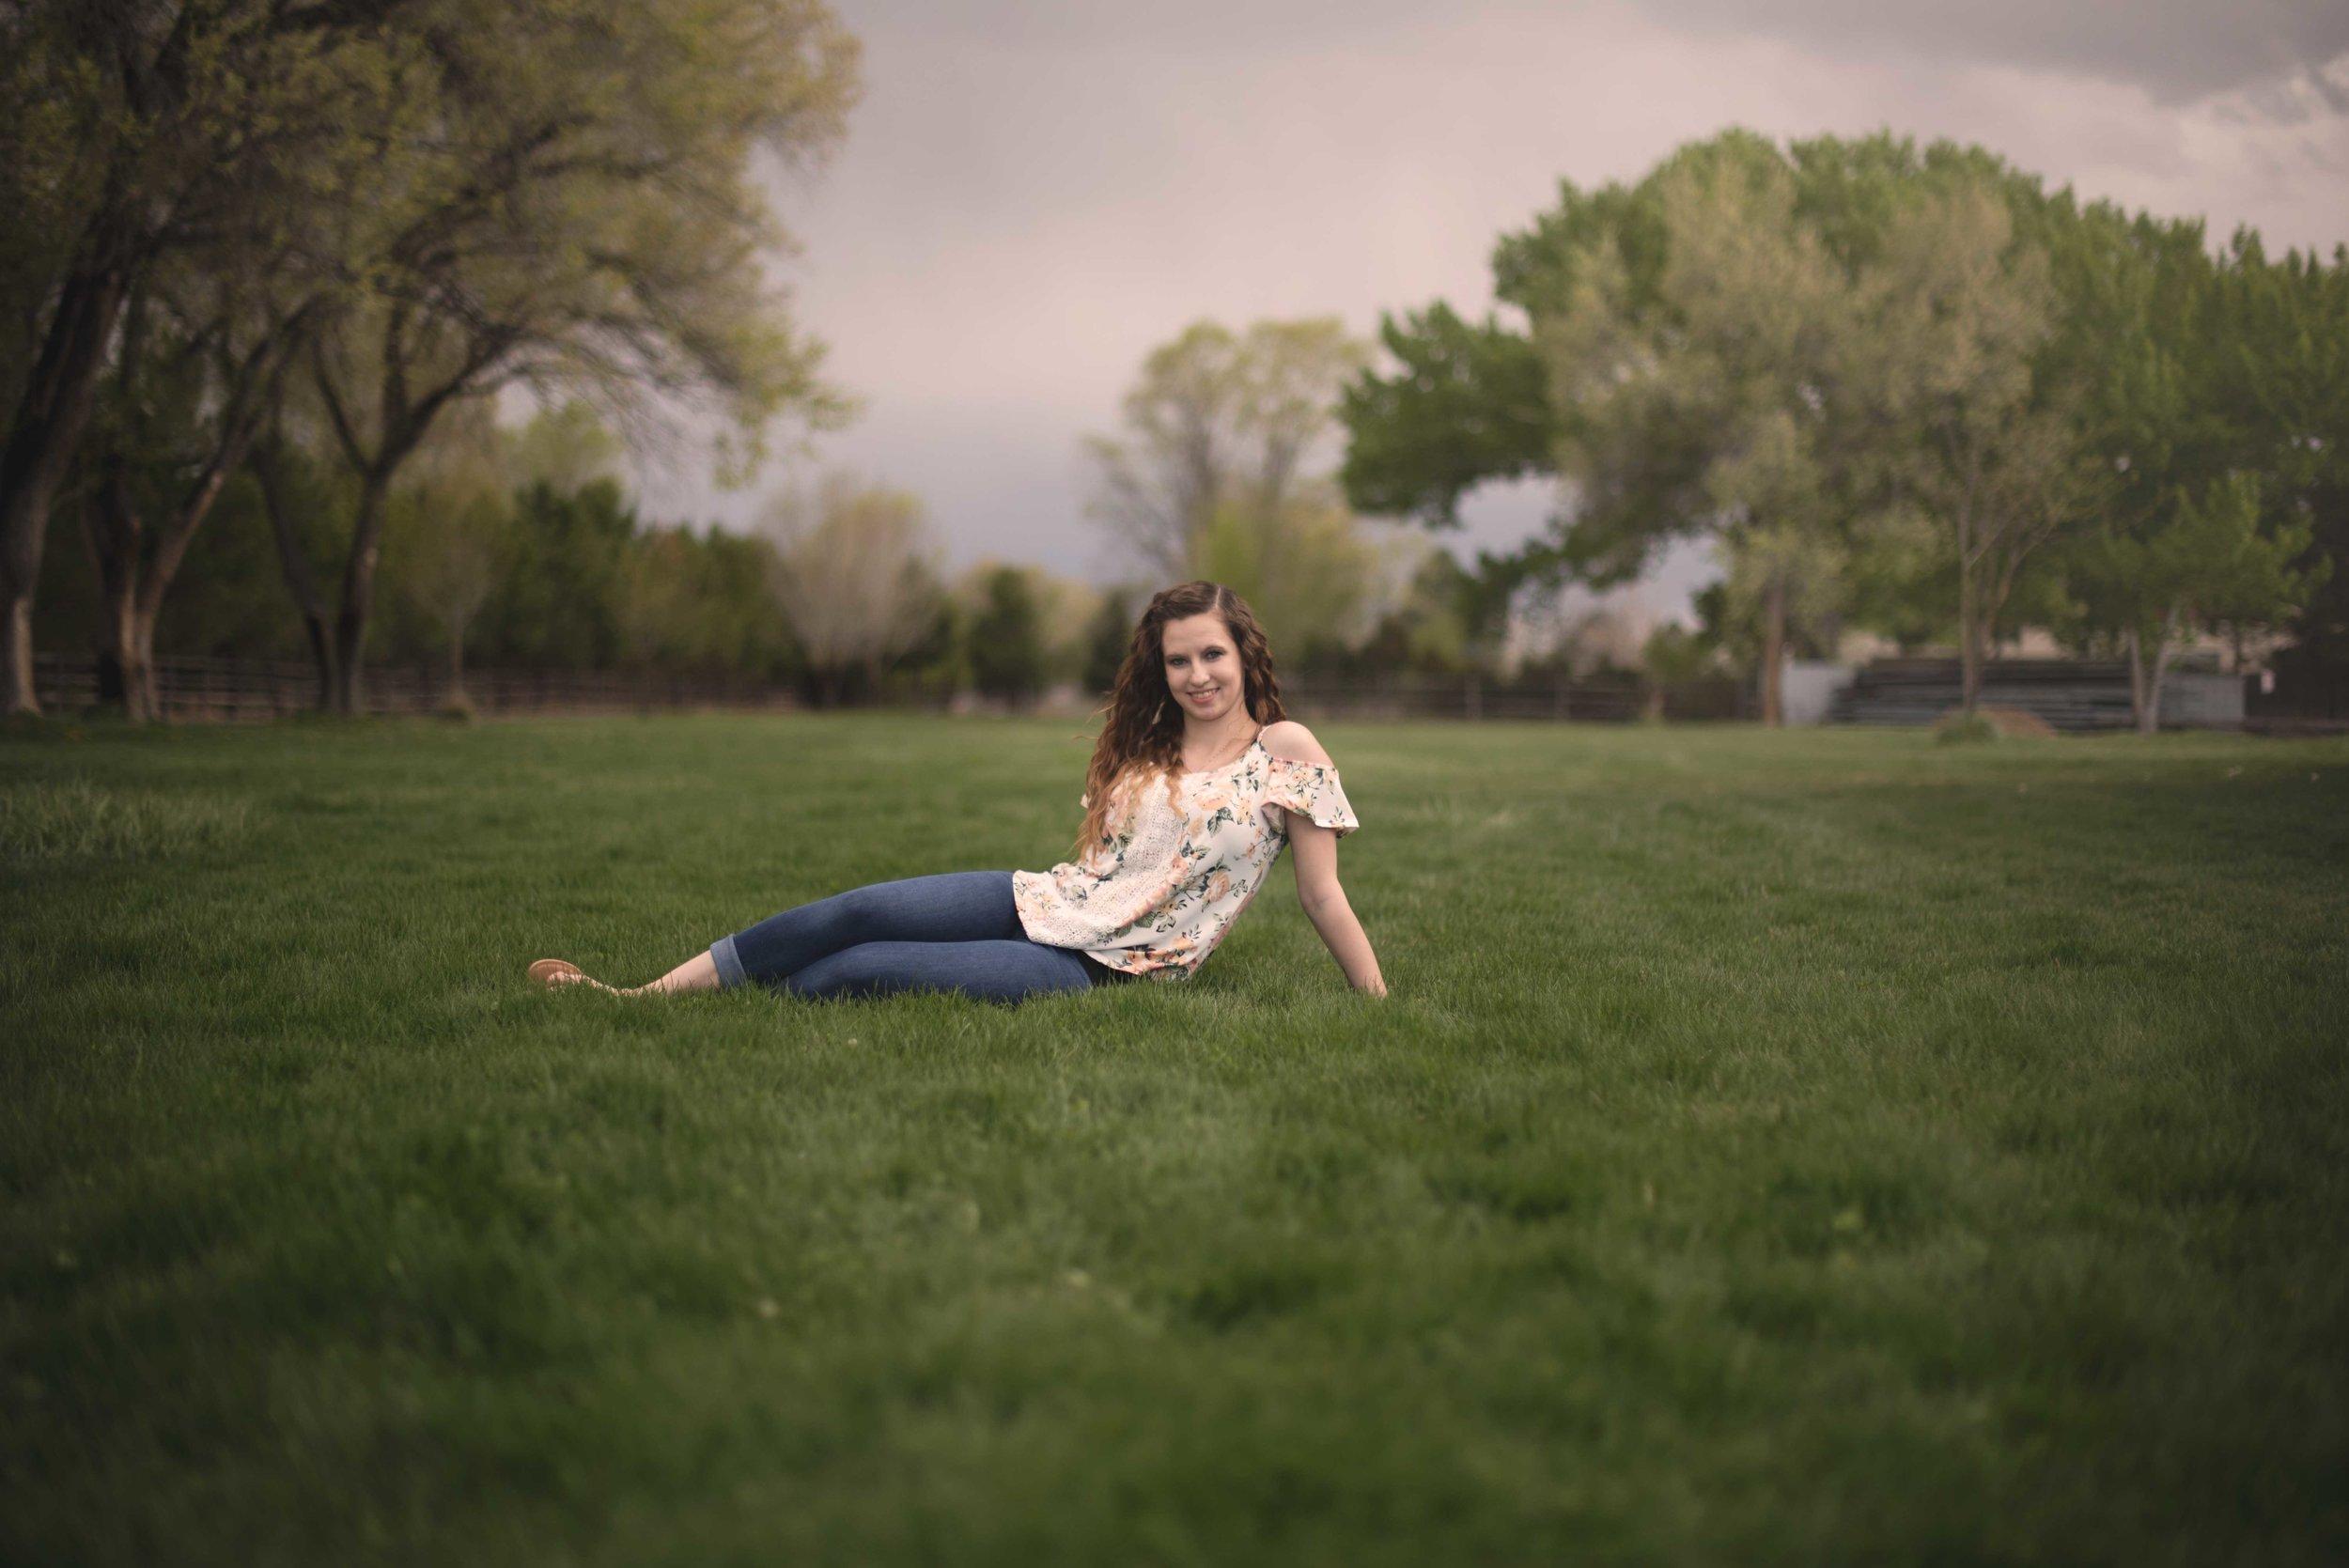 LaurenCheriePhotography0_20.jpg